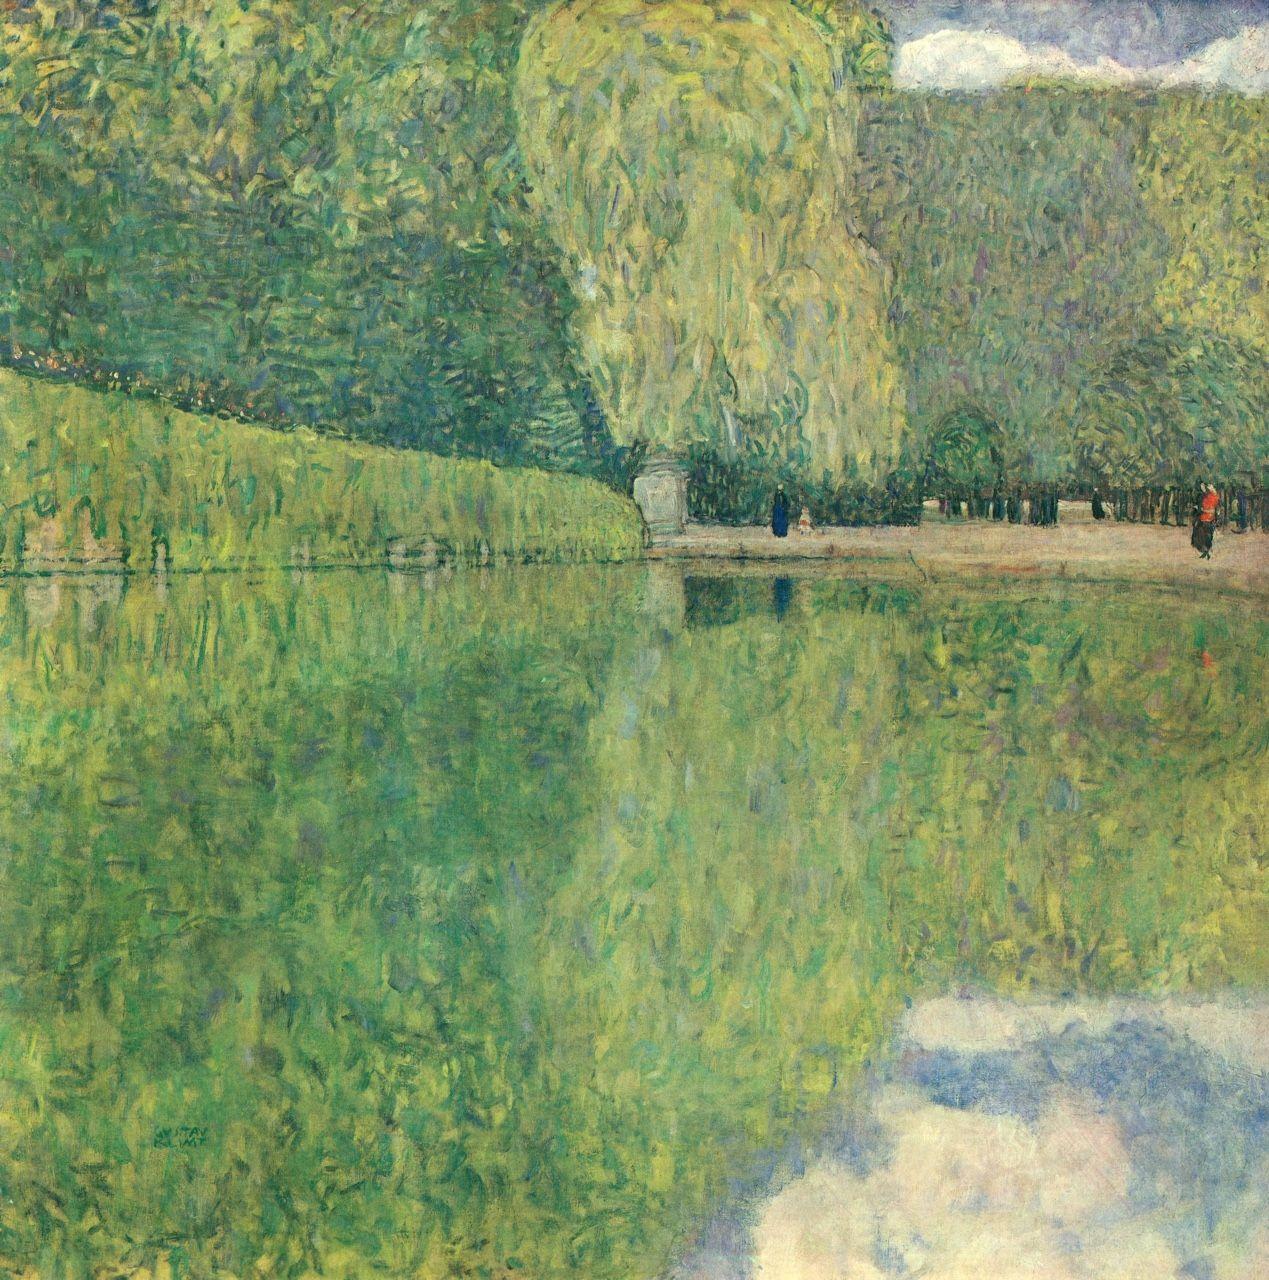 Park of Schönbrunn, Gustav Klimt